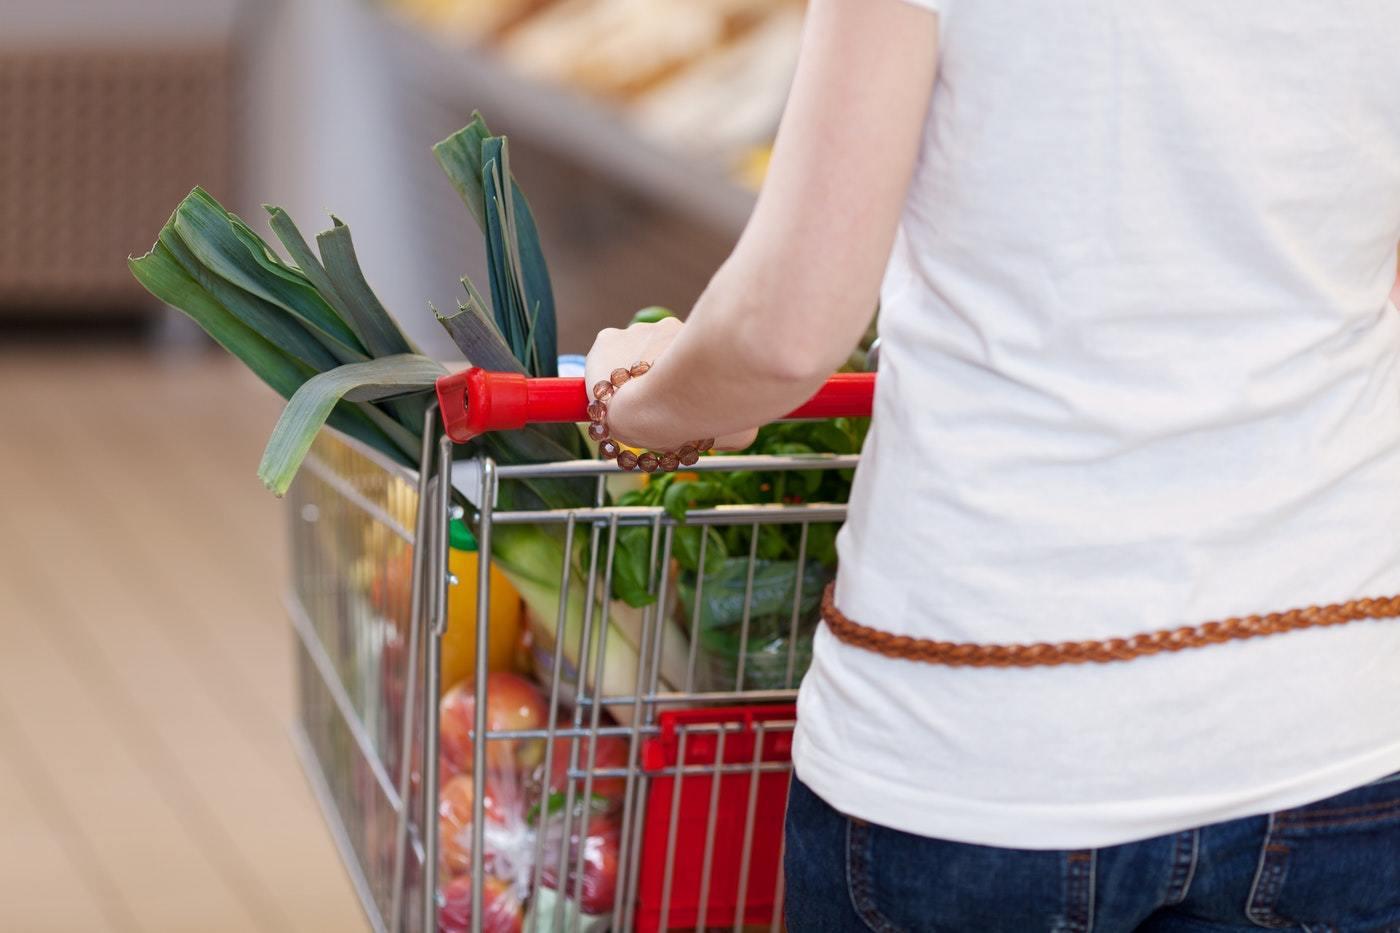 有机食品能够预防癌症吗?最新研究给你答案